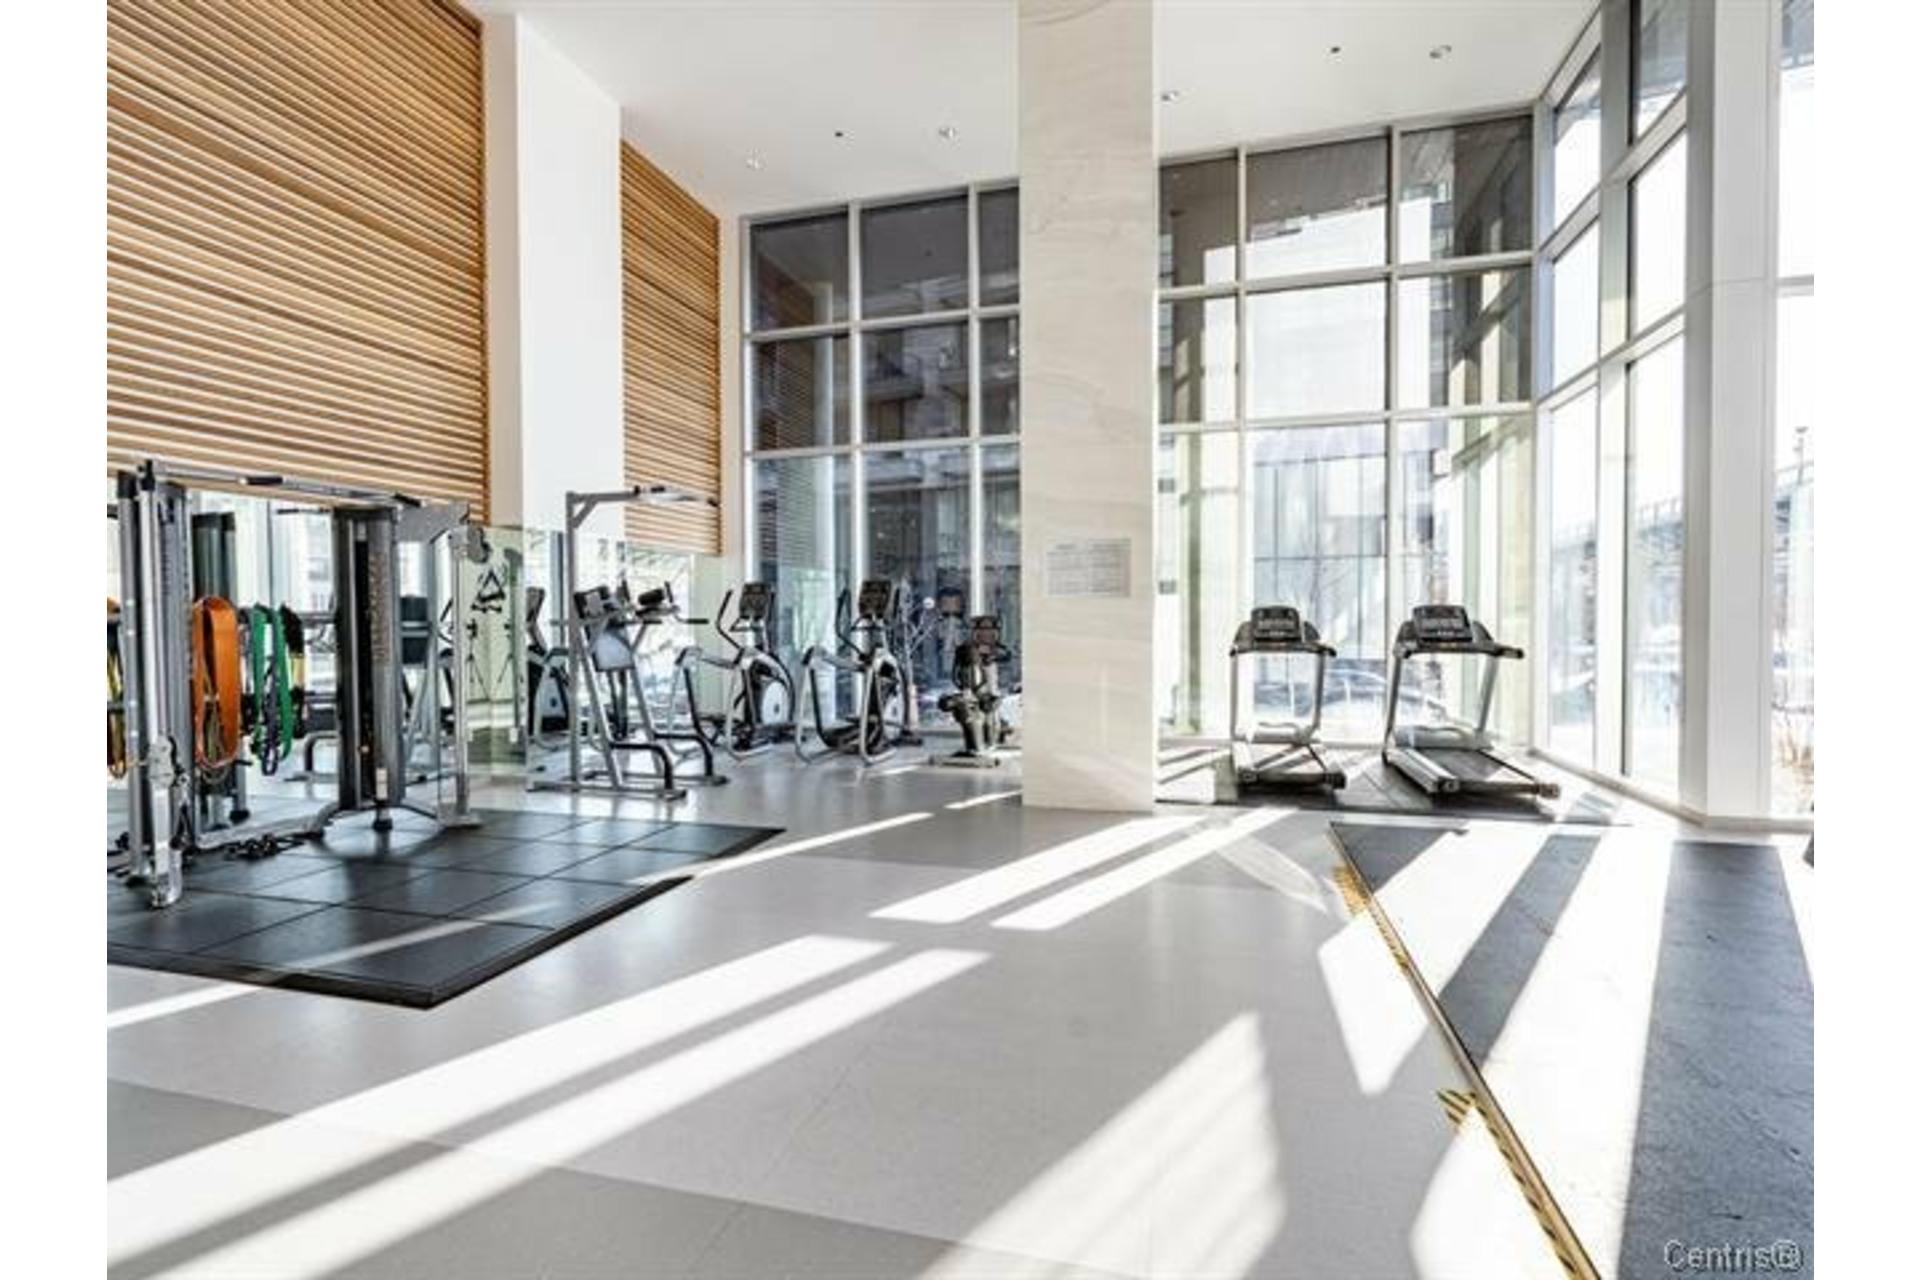 image 20 - Apartment For rent Ville-Marie Montréal  - 4 rooms